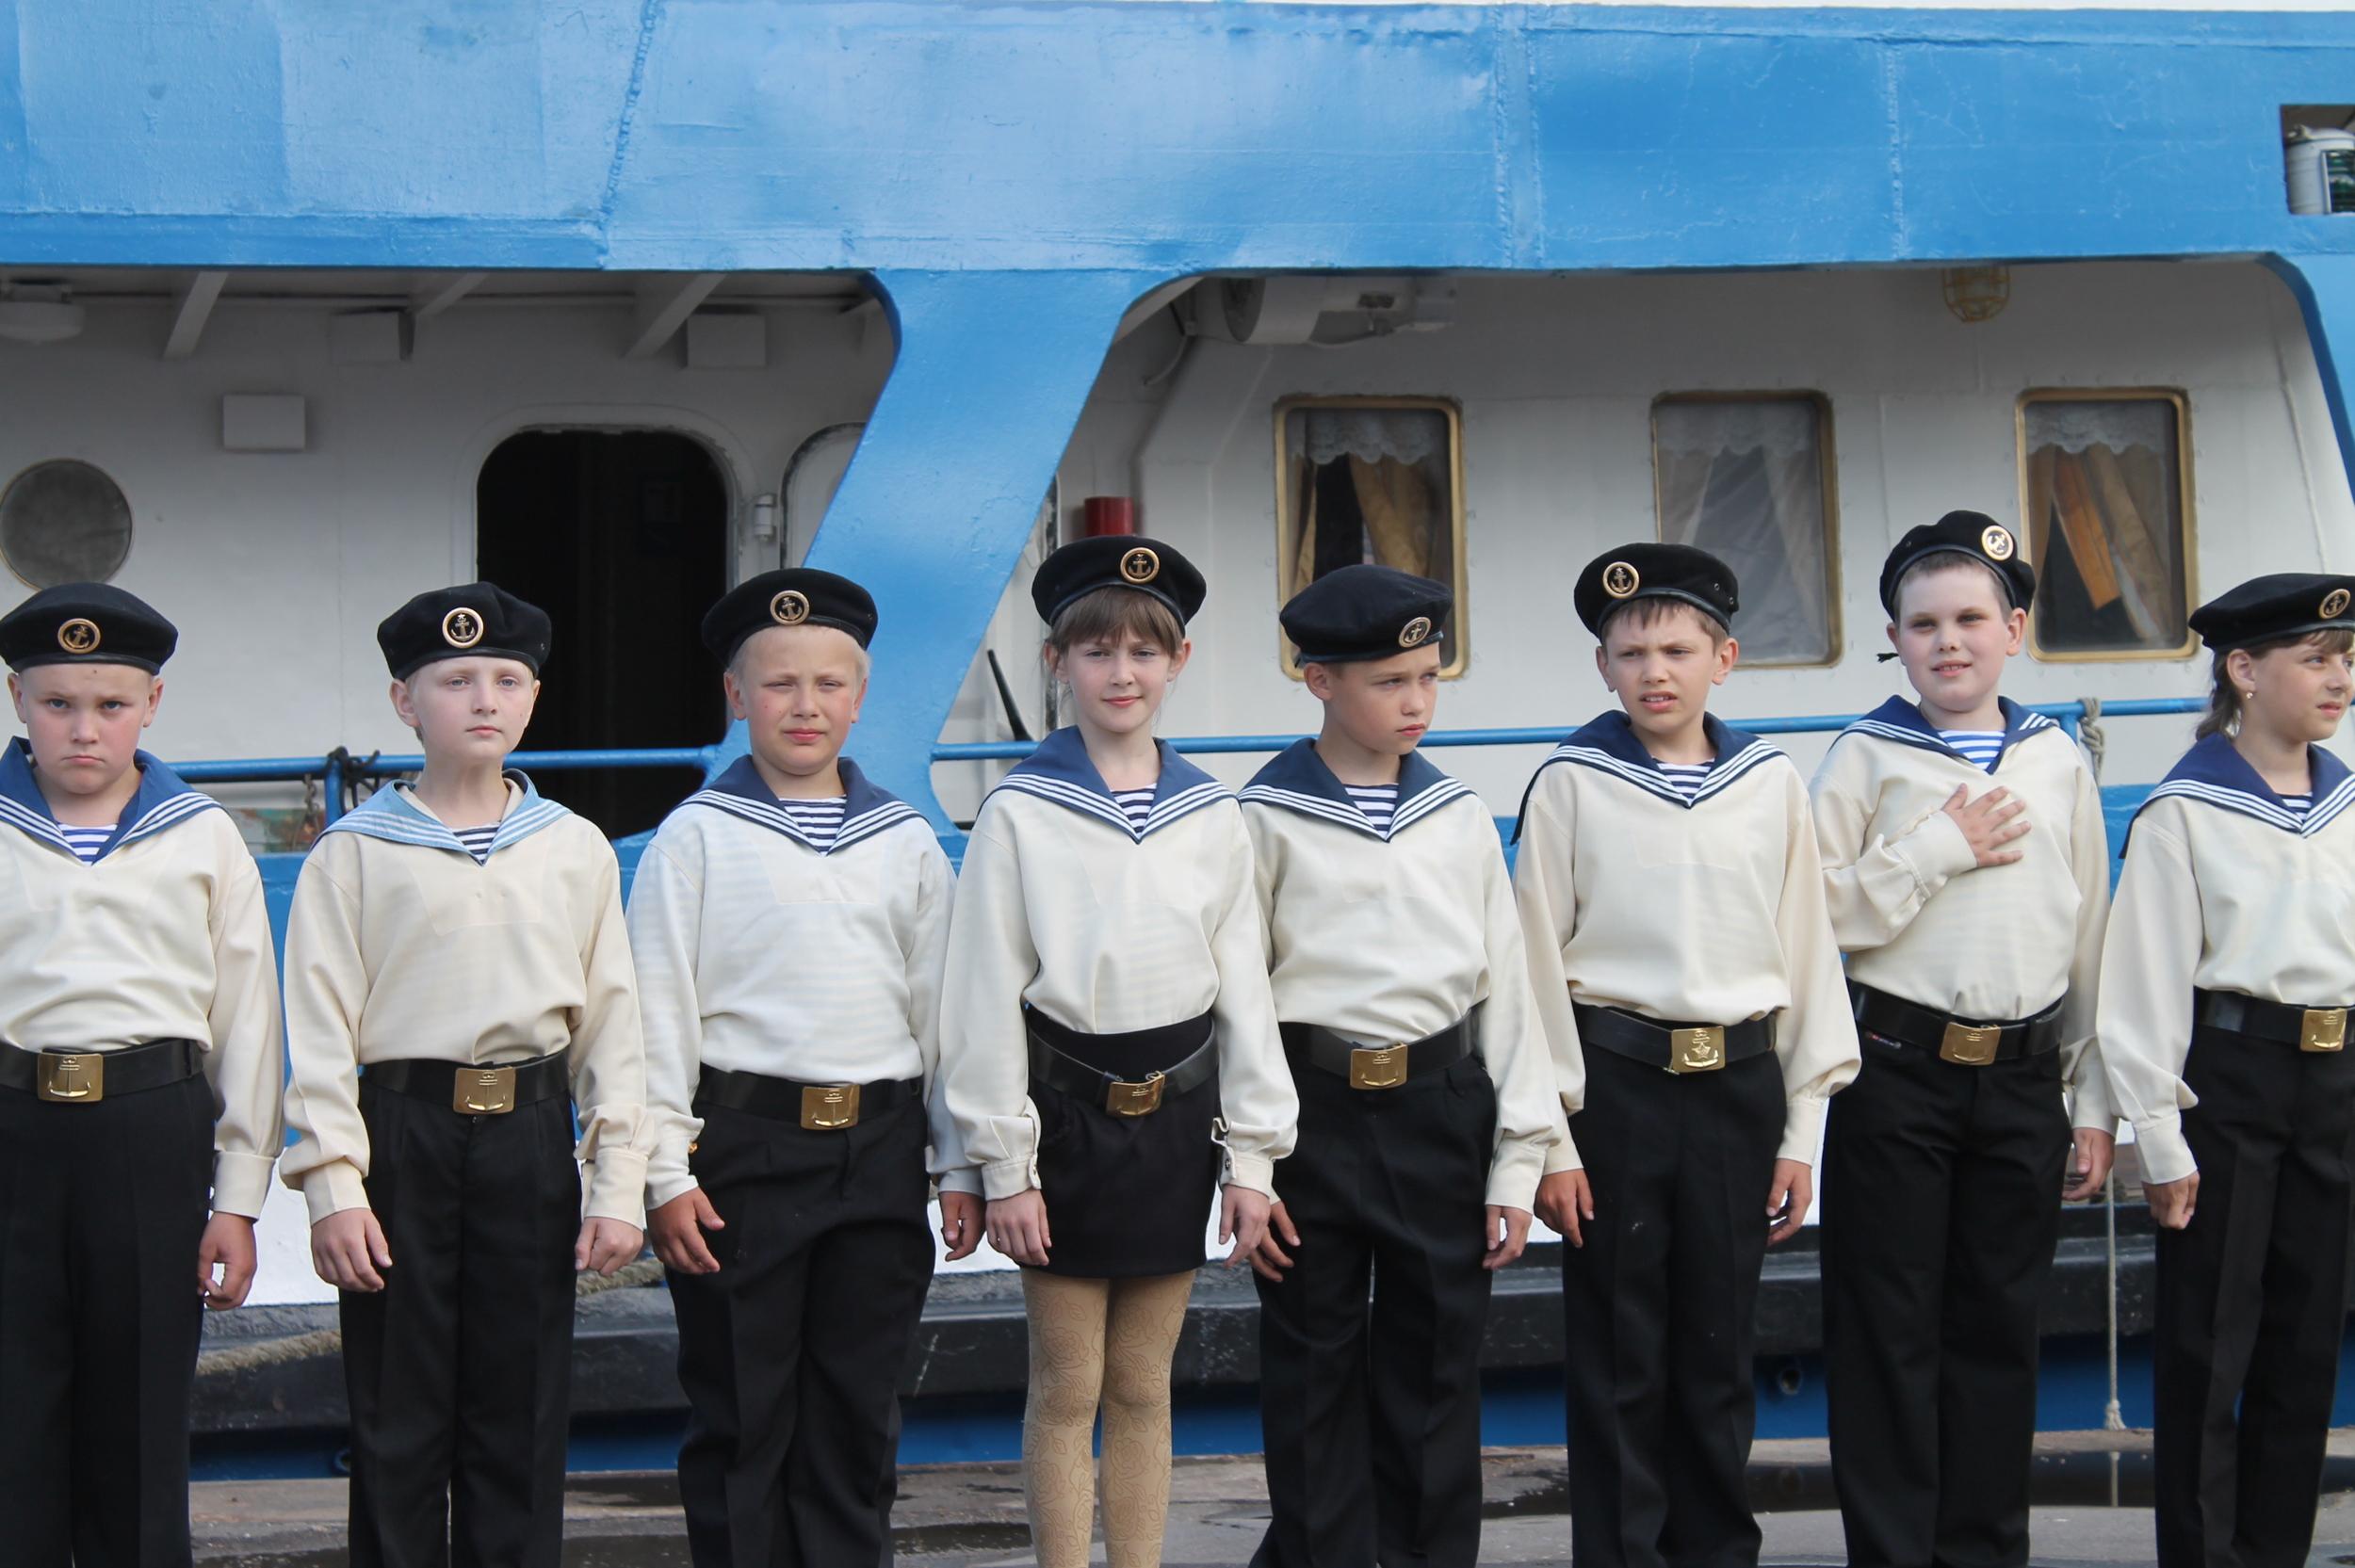 4_Kinder_Seemannsclub.JPG